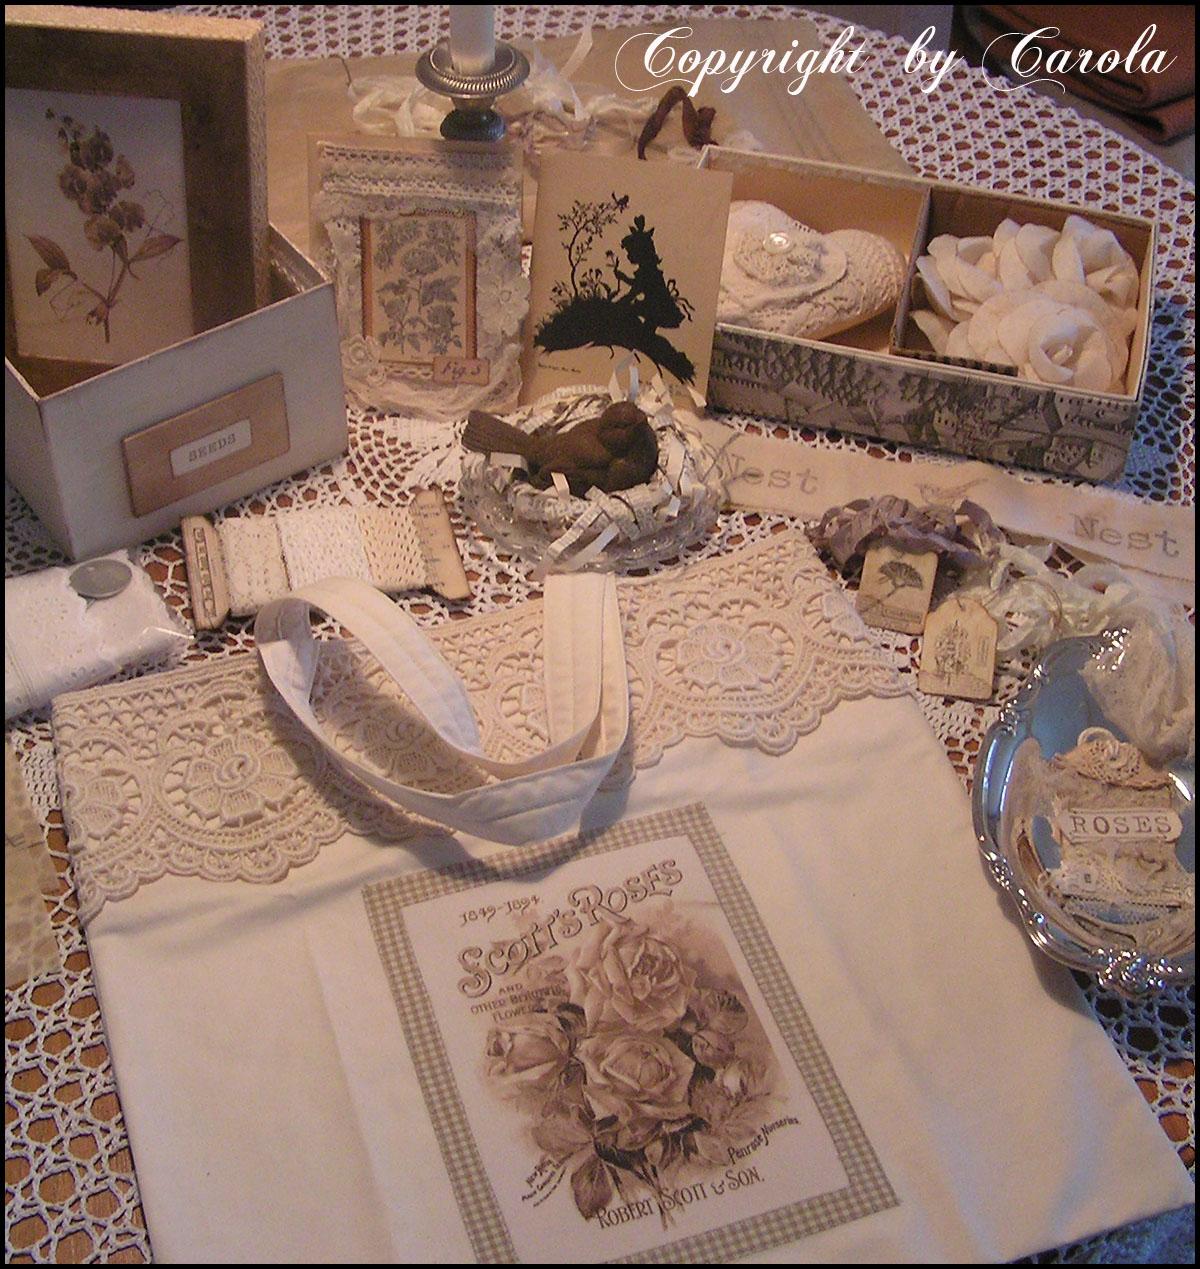 http://1.bp.blogspot.com/_6z0YlCqX0lc/TLdFNzieNoI/AAAAAAAAB1E/jwGTUDTai6A/s1600/Goodnes+from+Julia.jpg